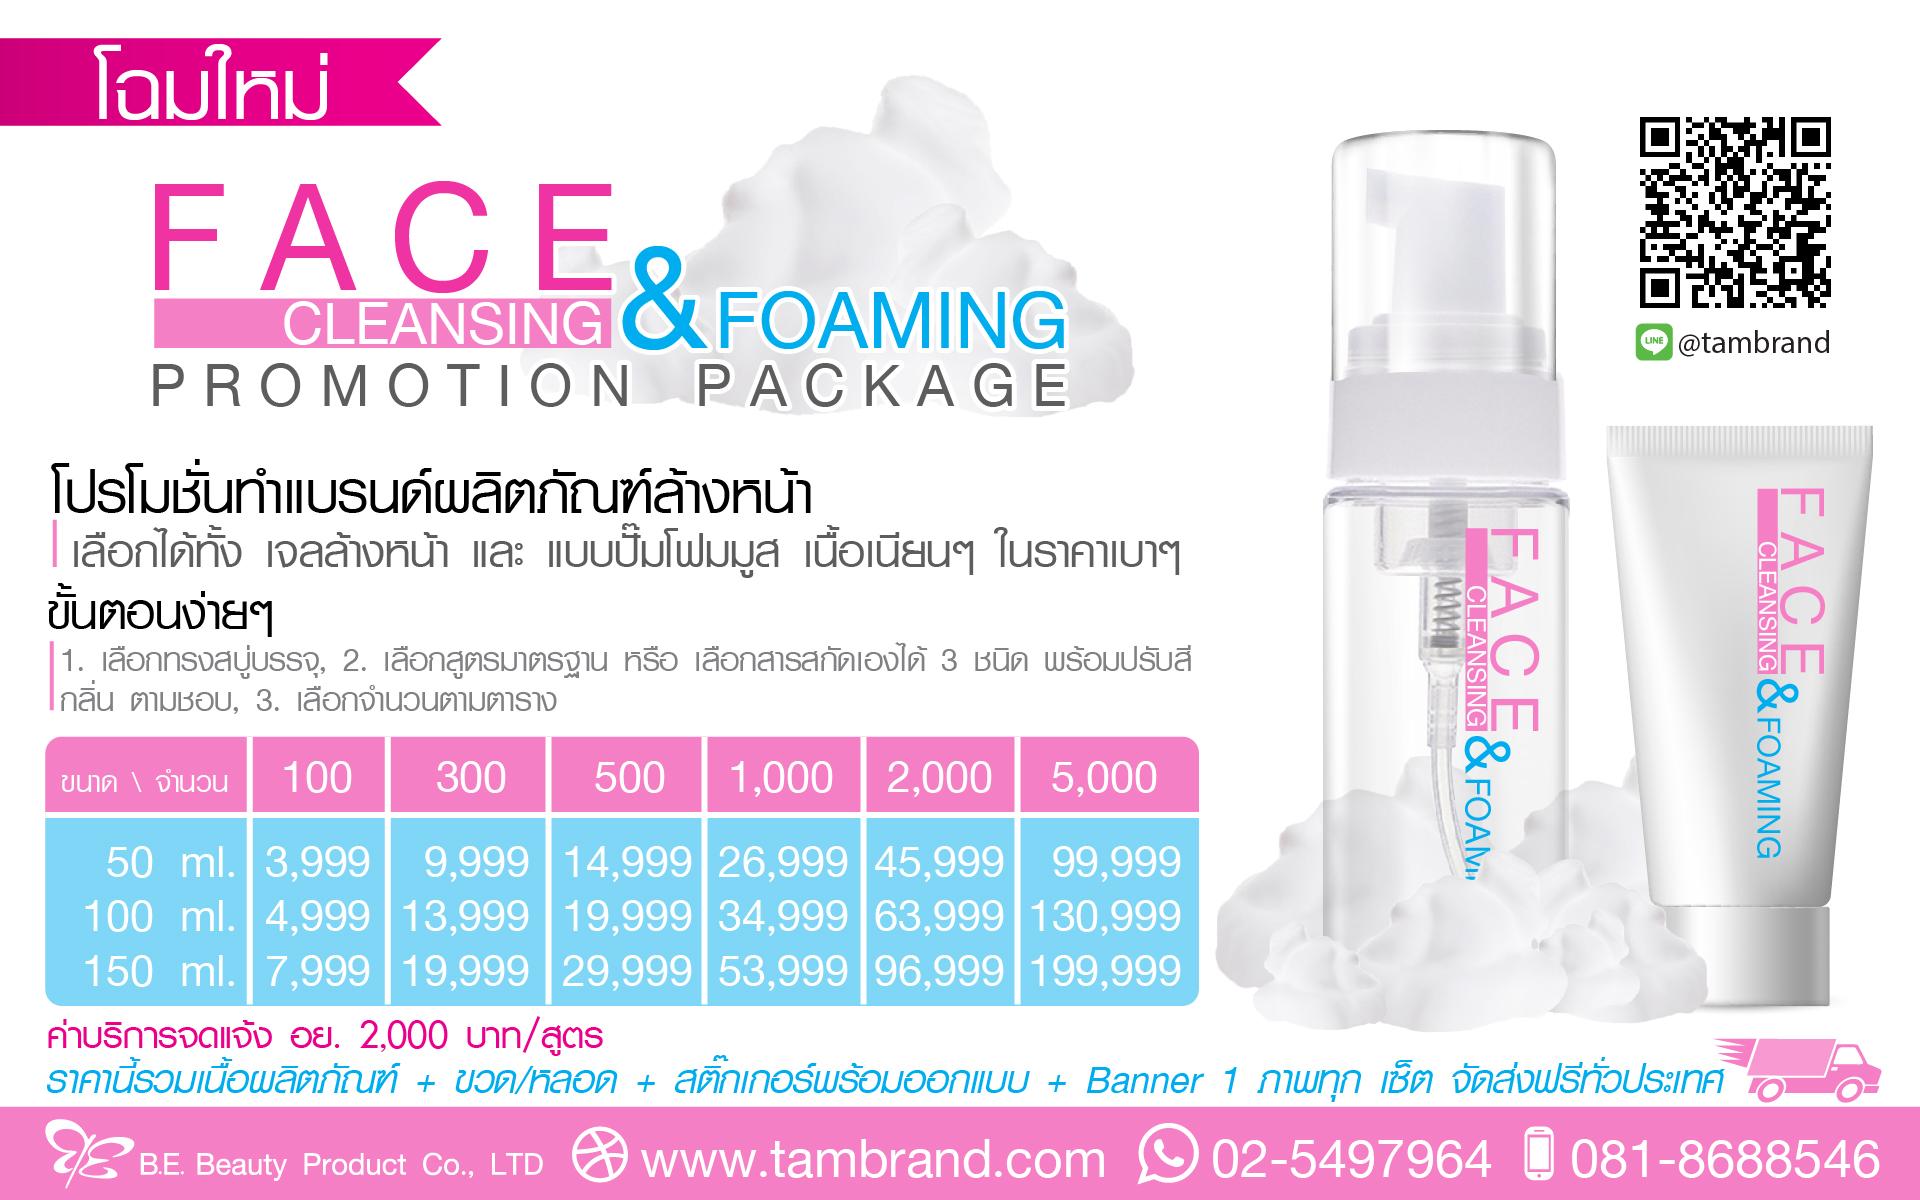 โปรโมชั่นทำแบรนด์ สบู่เหลวล้างหน้า , ปํ๊มมูสโฟมล้างหน้า : Face Cleansing & Foaming Promotion Package